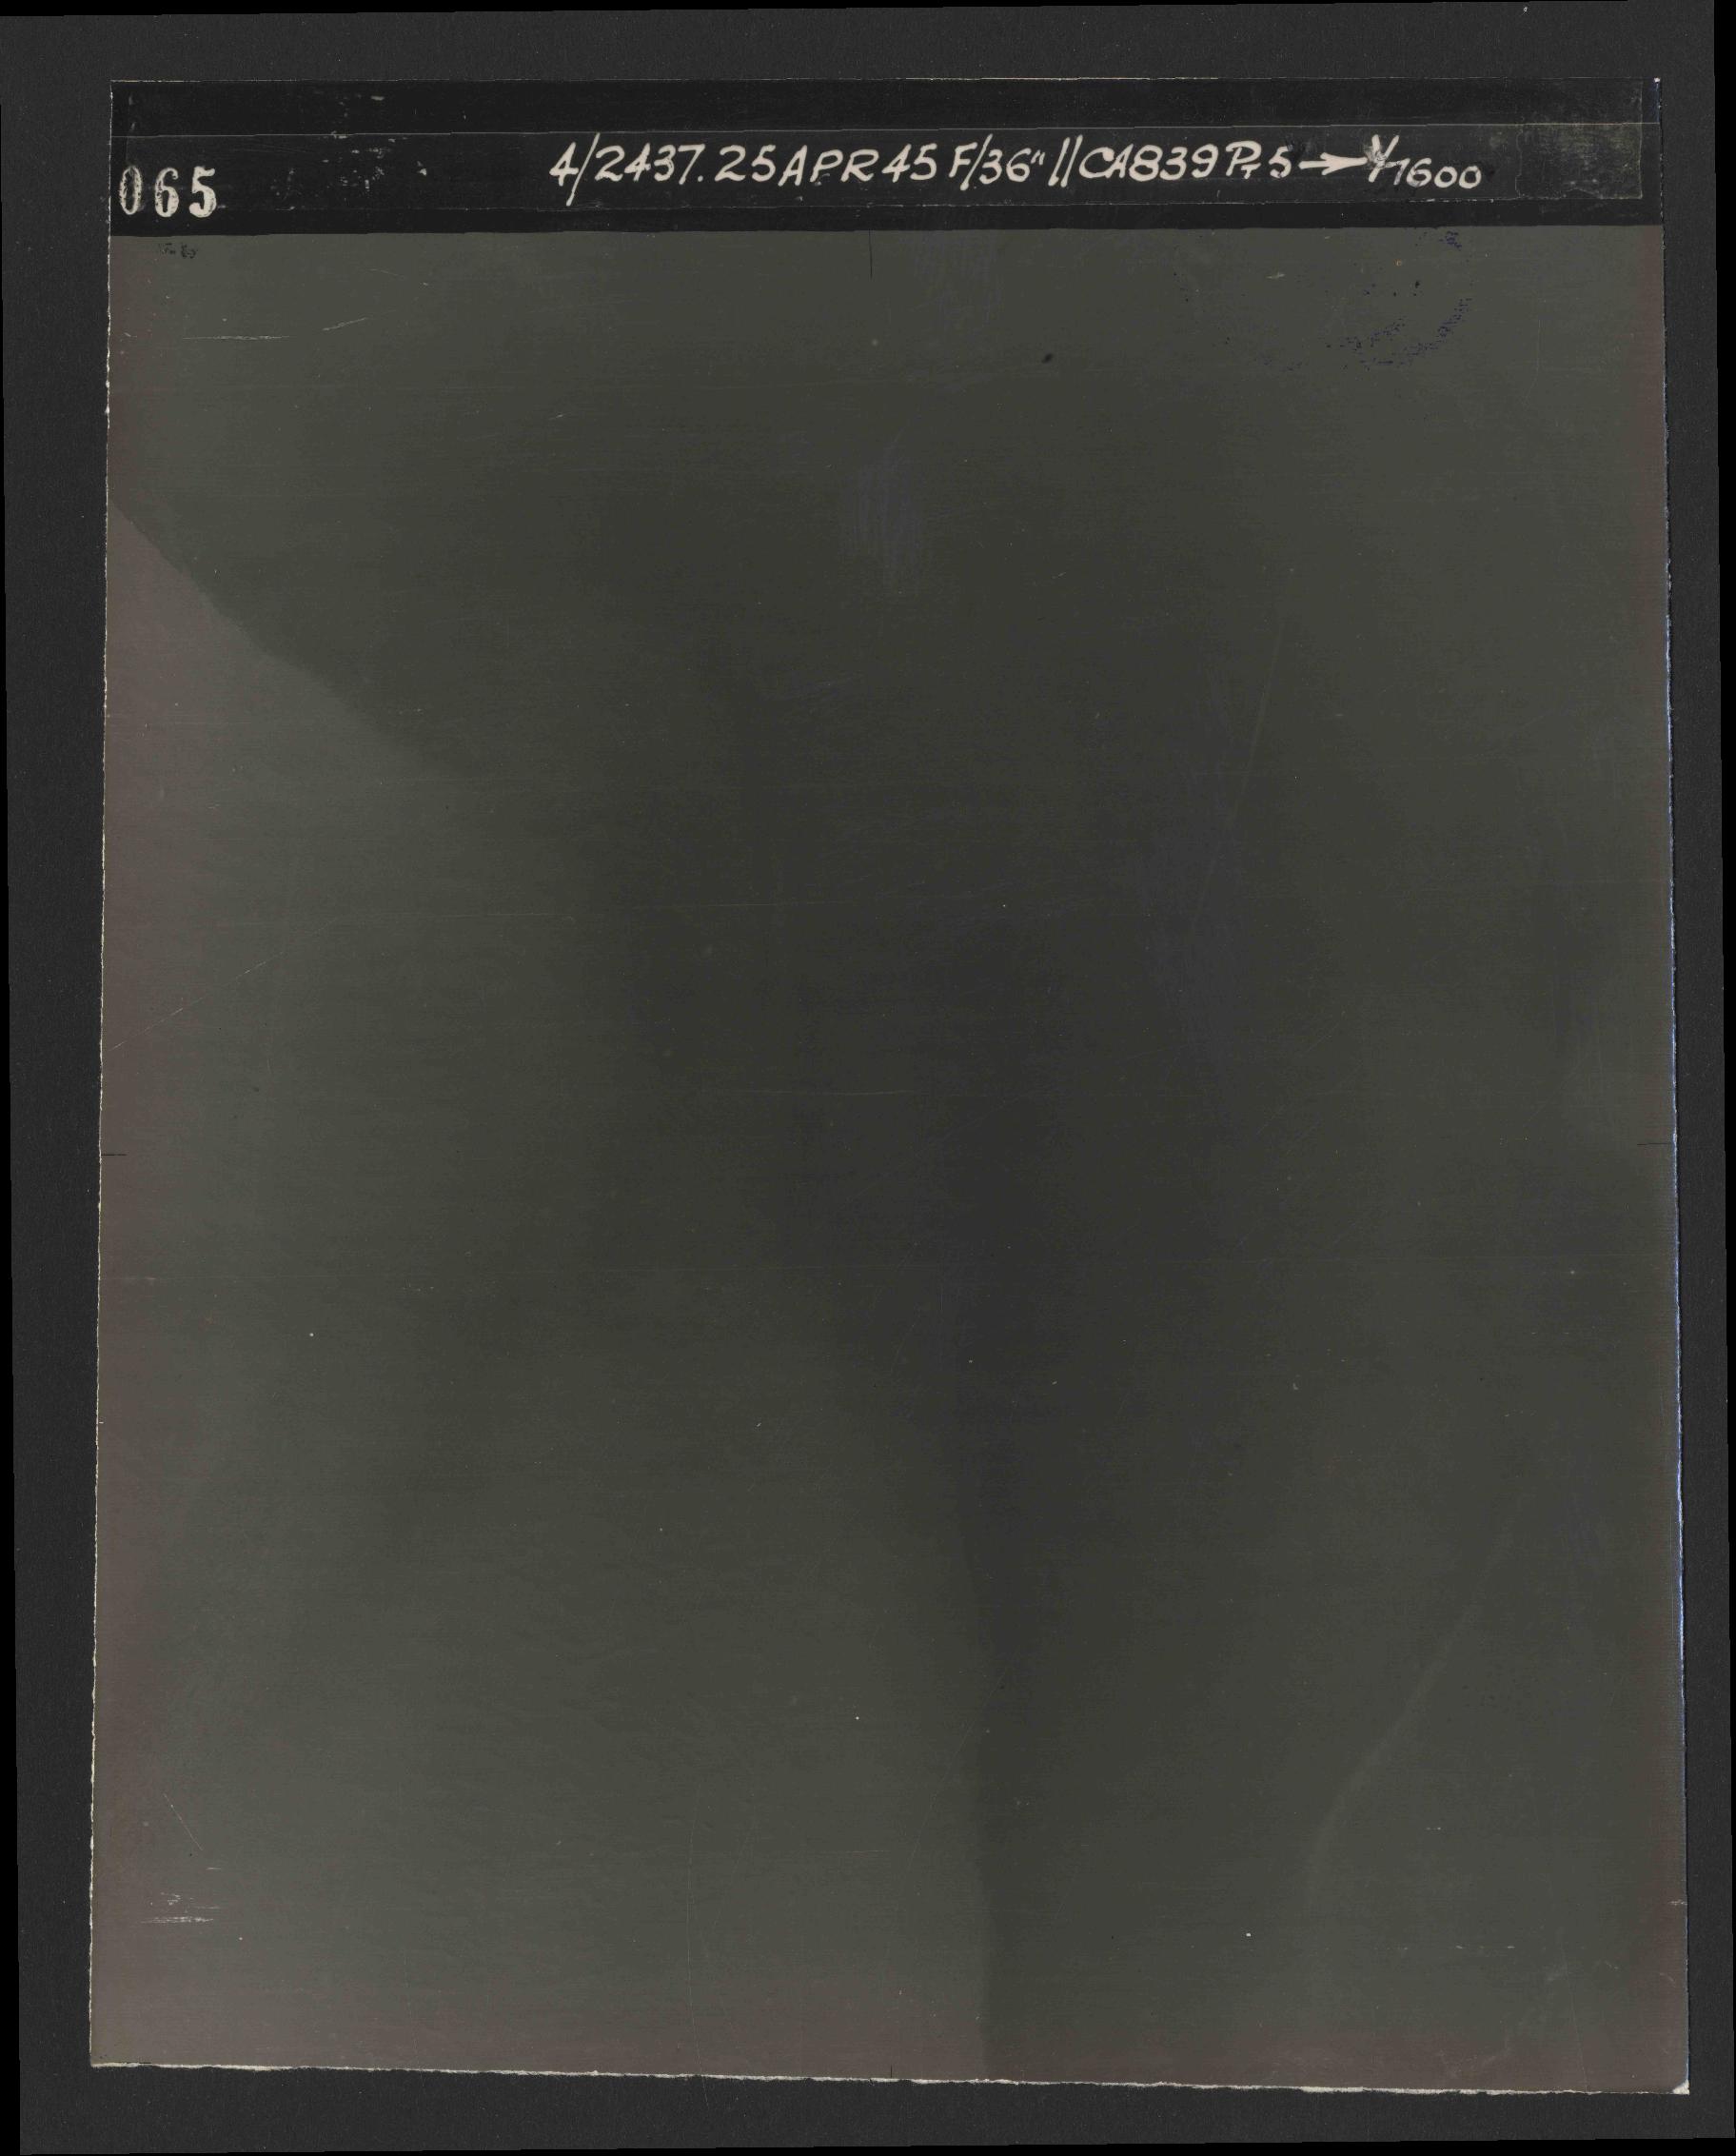 Collection RAF aerial photos 1940-1945 - flight 300, run 07, photo 3065